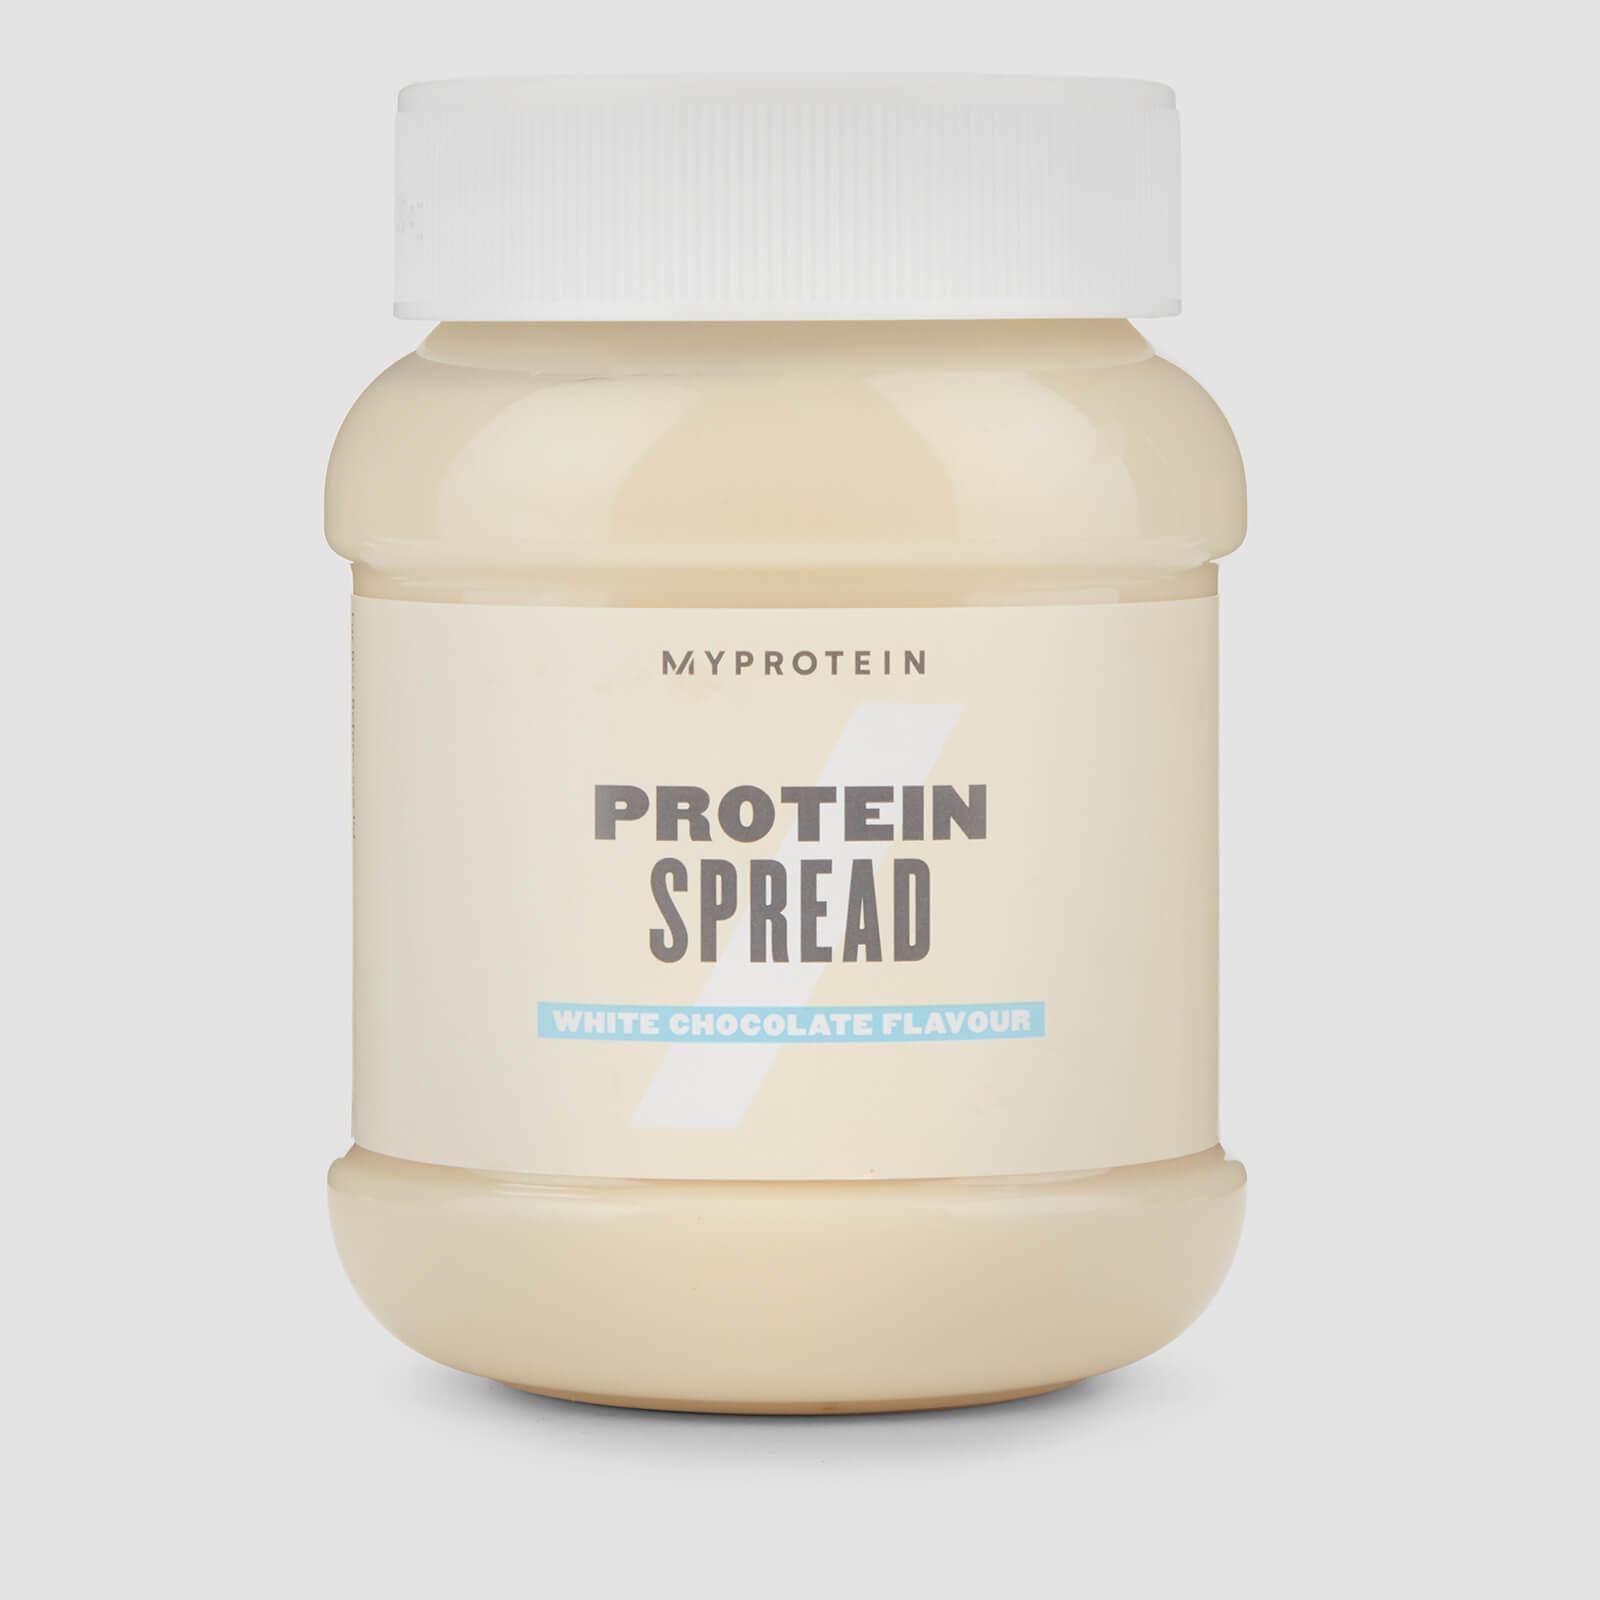 Myprotein Pâte à tartiner allégée protéinée - 360g - Chocolat blanc